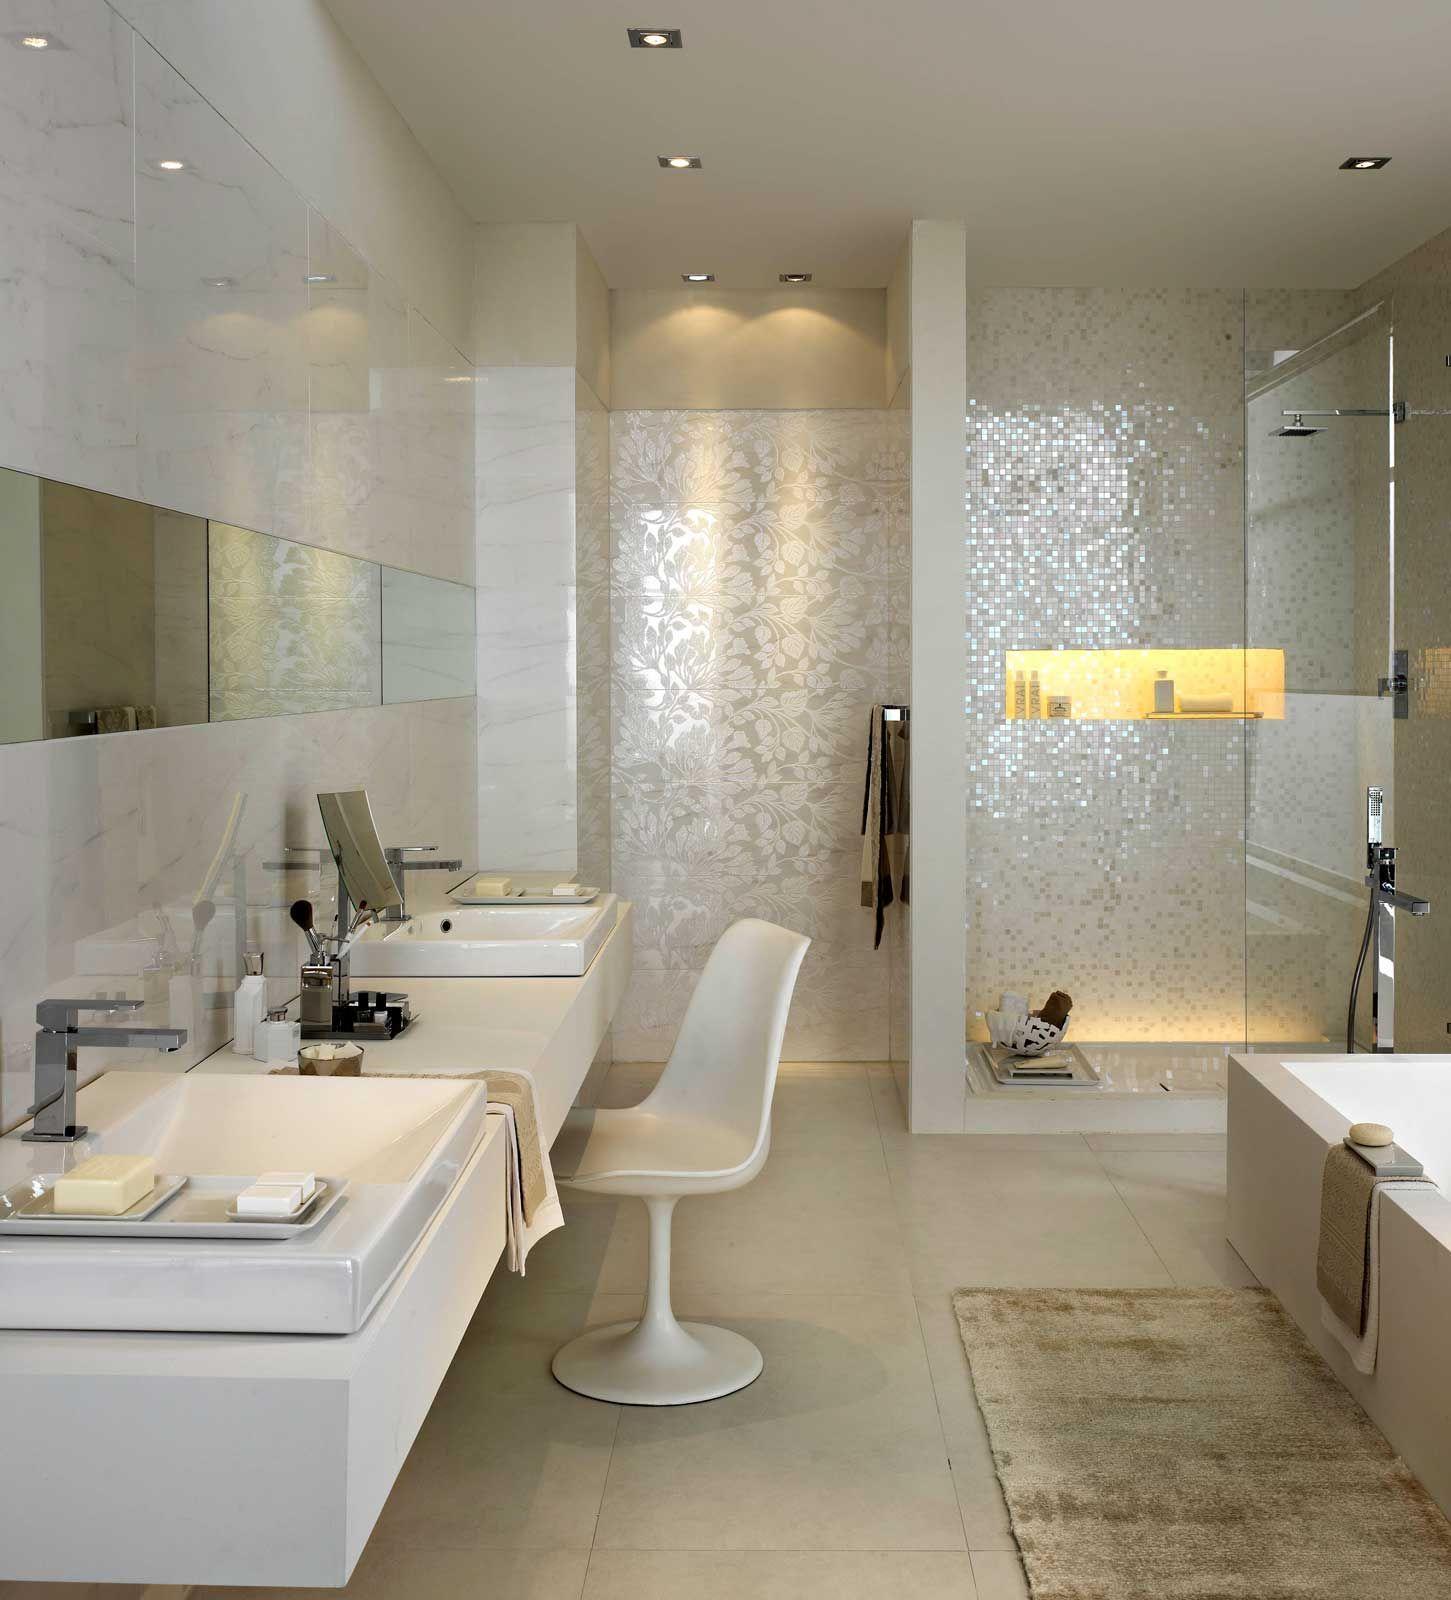 Gemauerte Dusche Mit Glas Und Beleuchteter Nische Sowie Mosaik